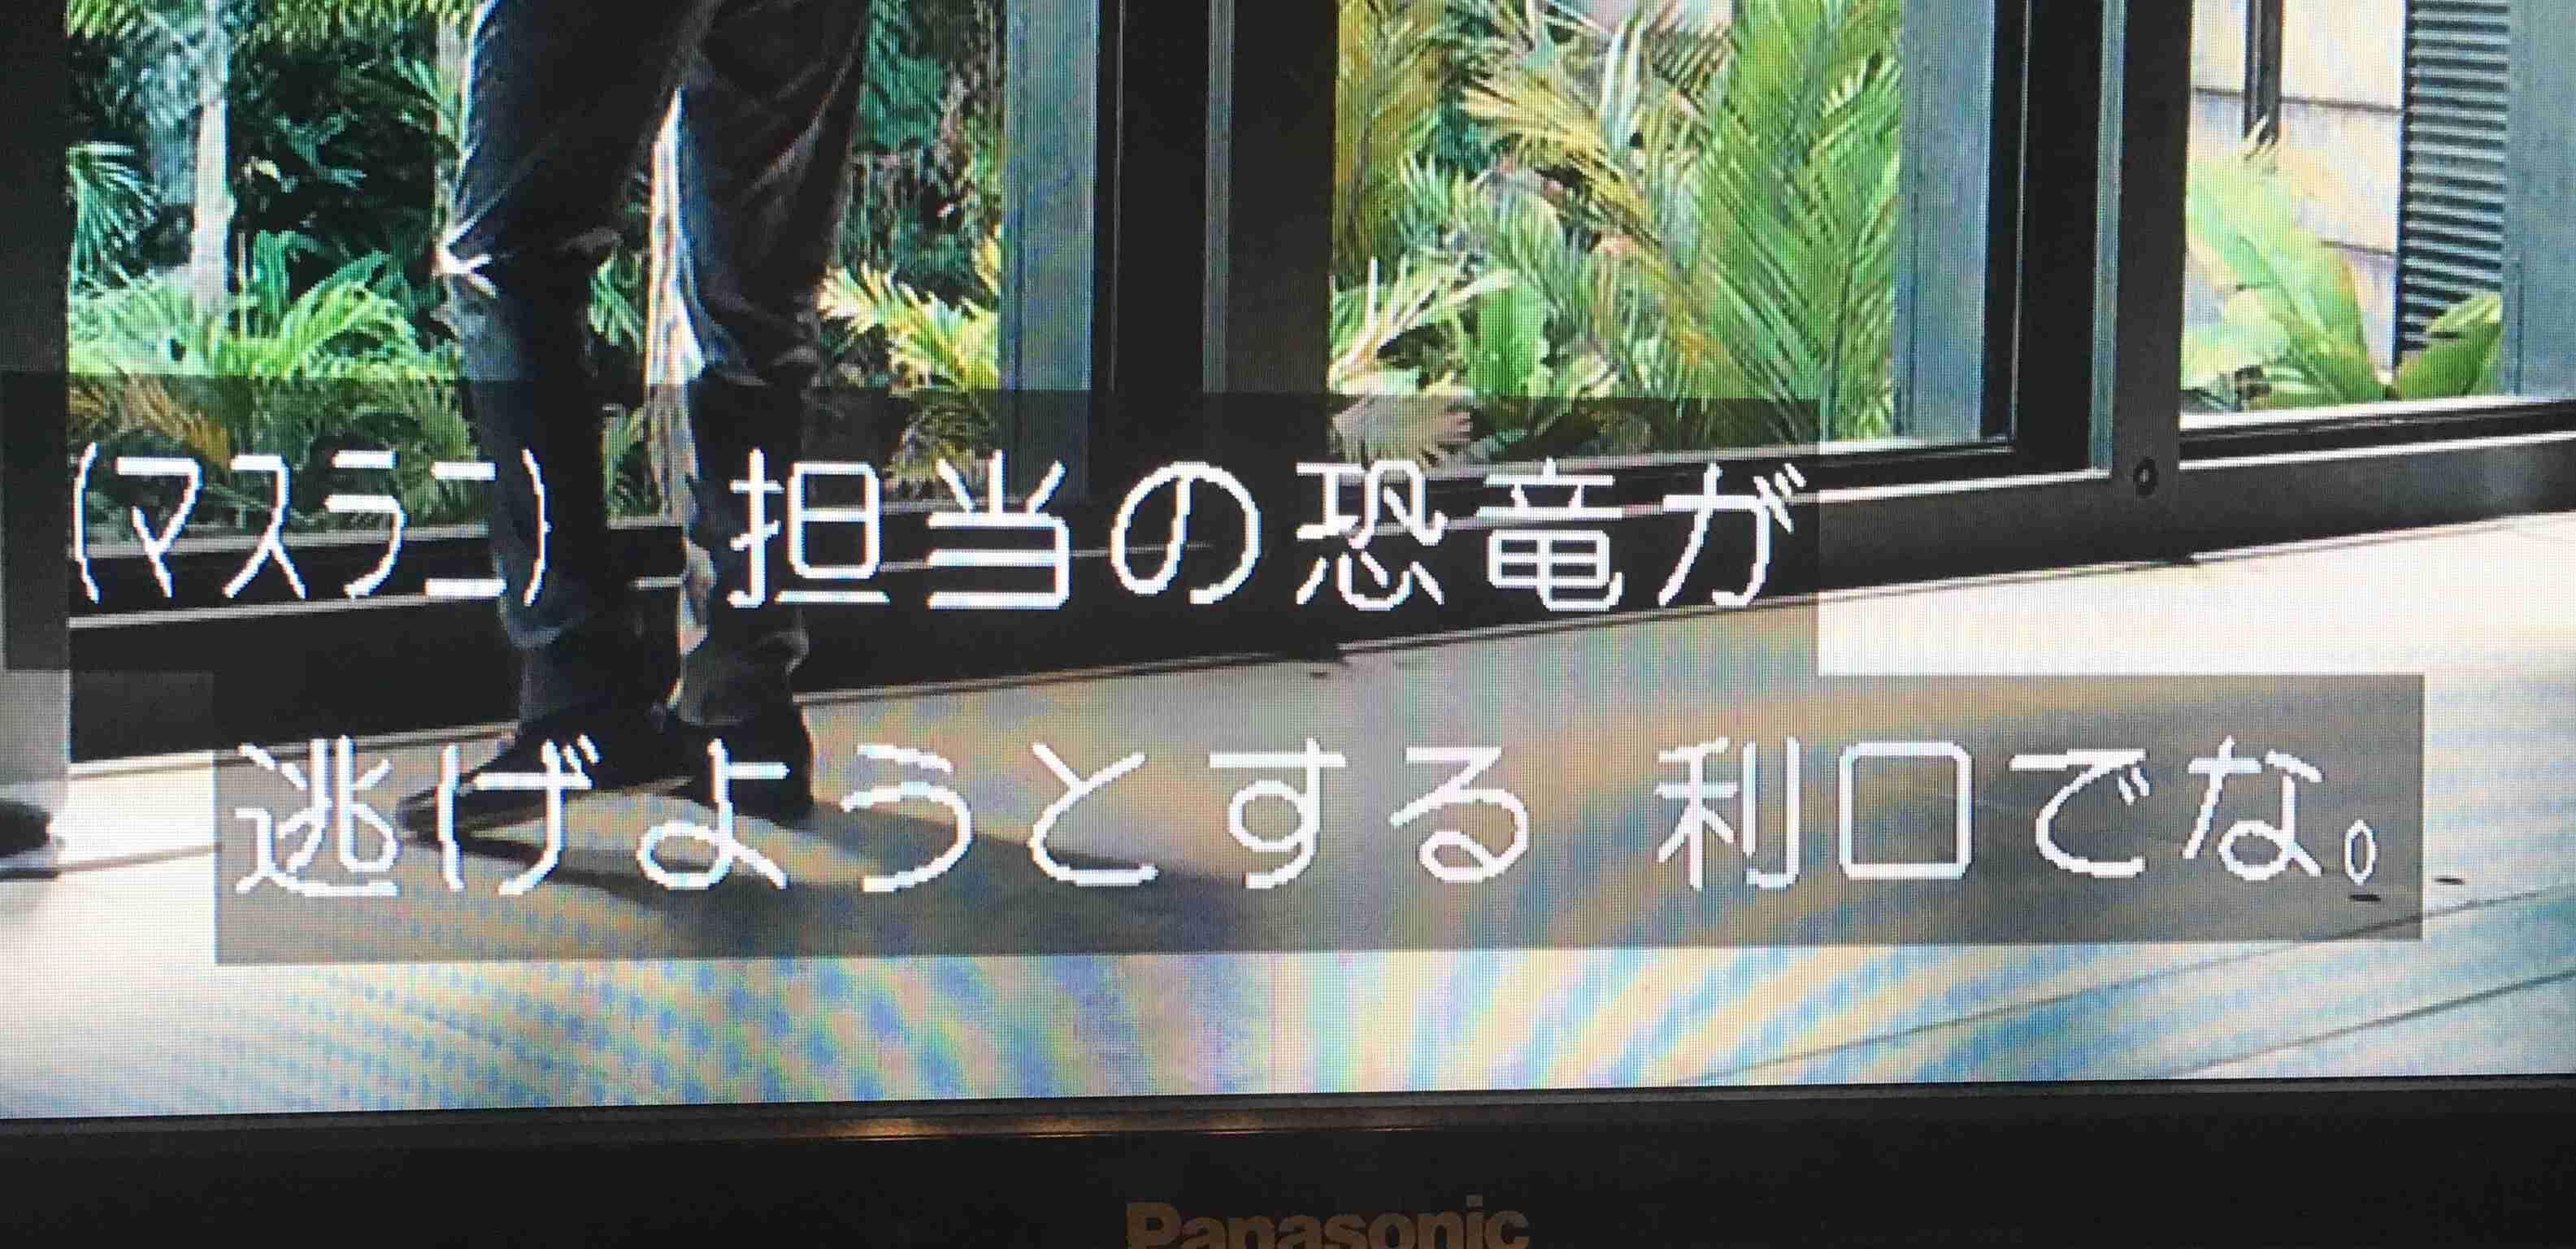 【実況・感想】金曜ロードSHOW!「ジュラシック・ワールド」